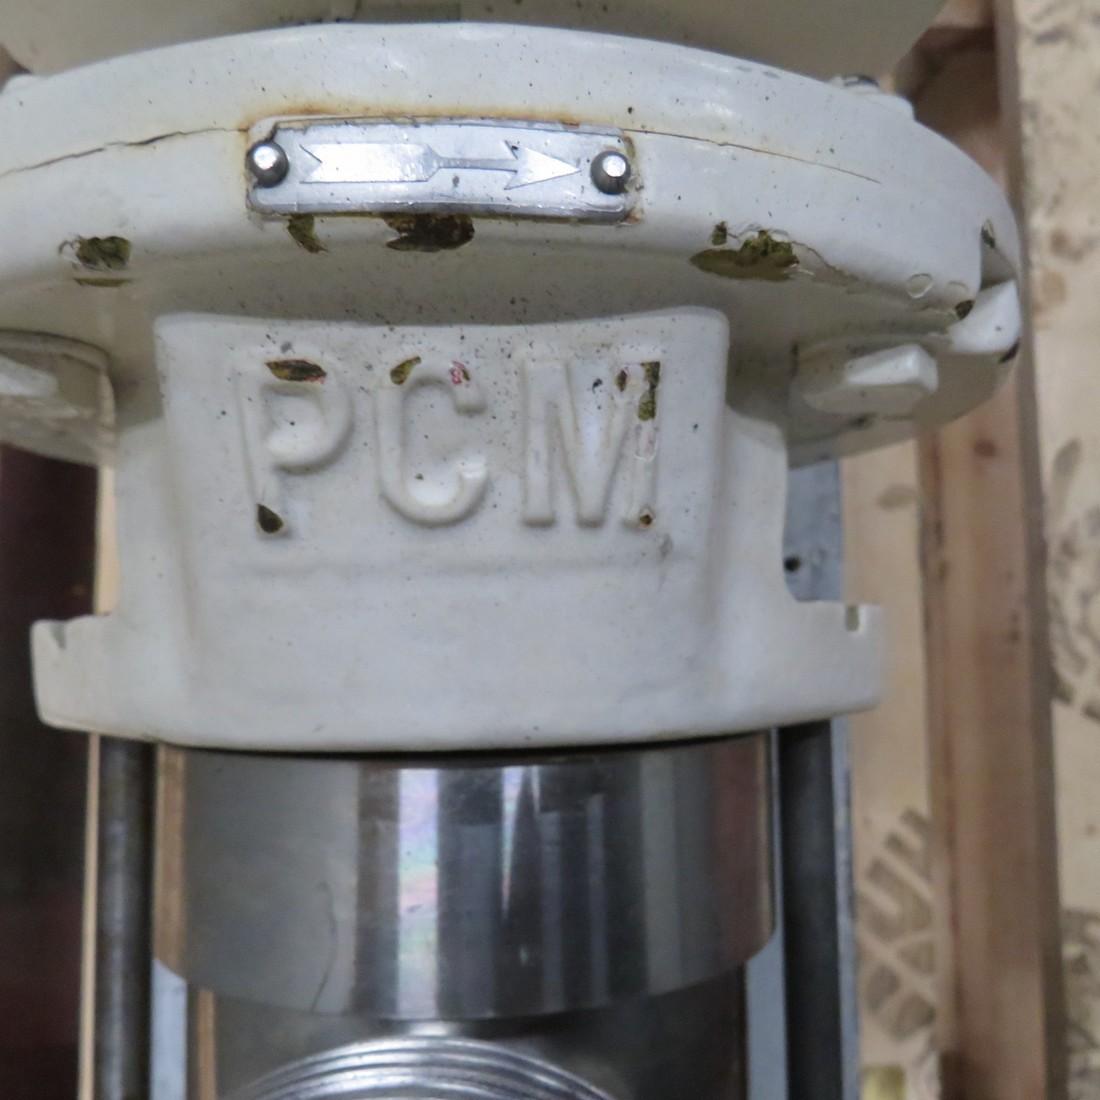 R10DA870  PCM pump 13 I 10 type -hp 2